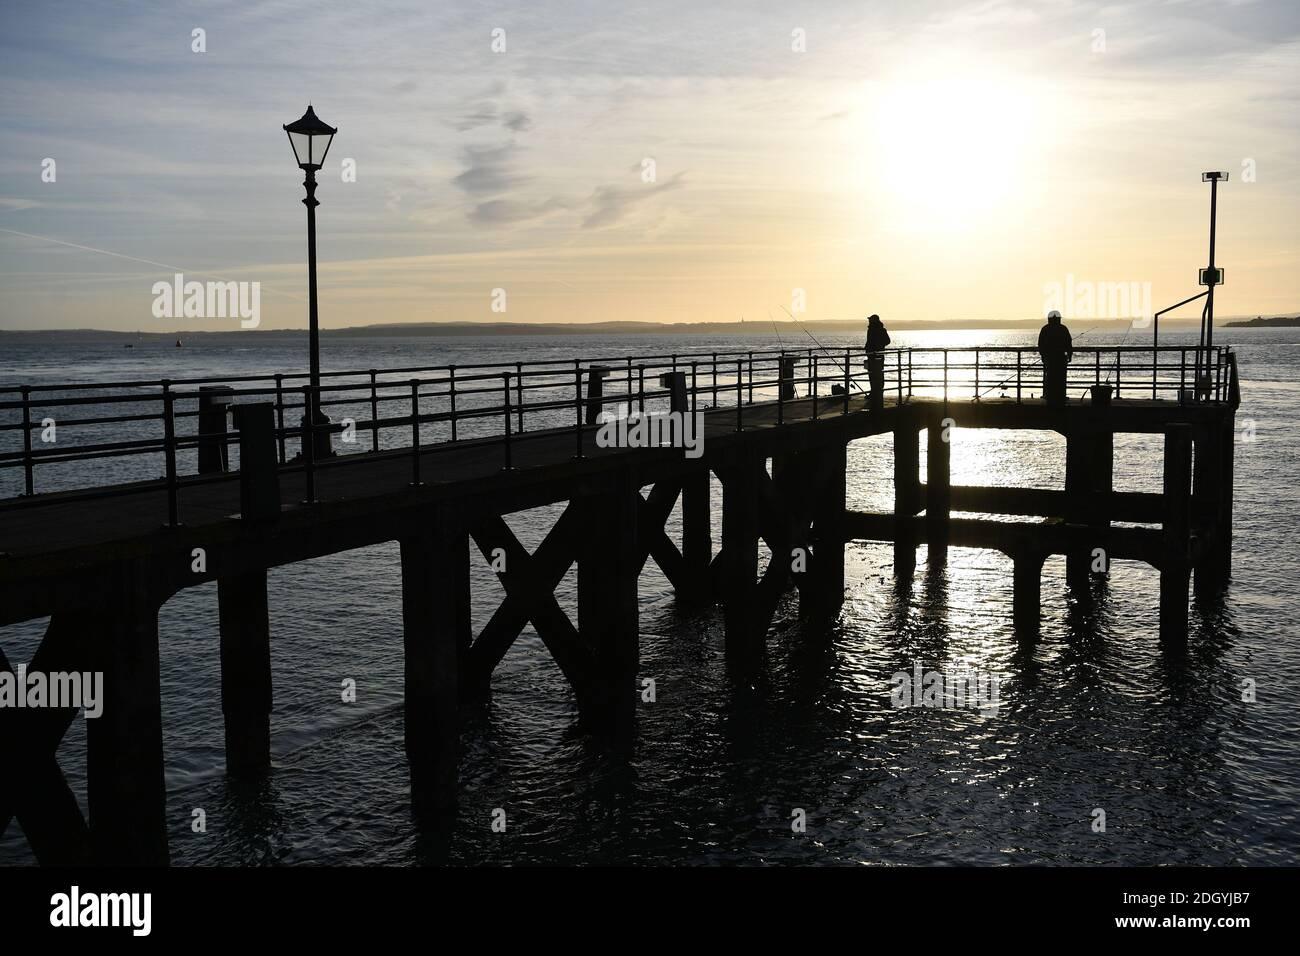 GV e stock di Old Town, Portsmouth, Hampshire, Mercoledì 2 dicembre 2020. Foto Stock